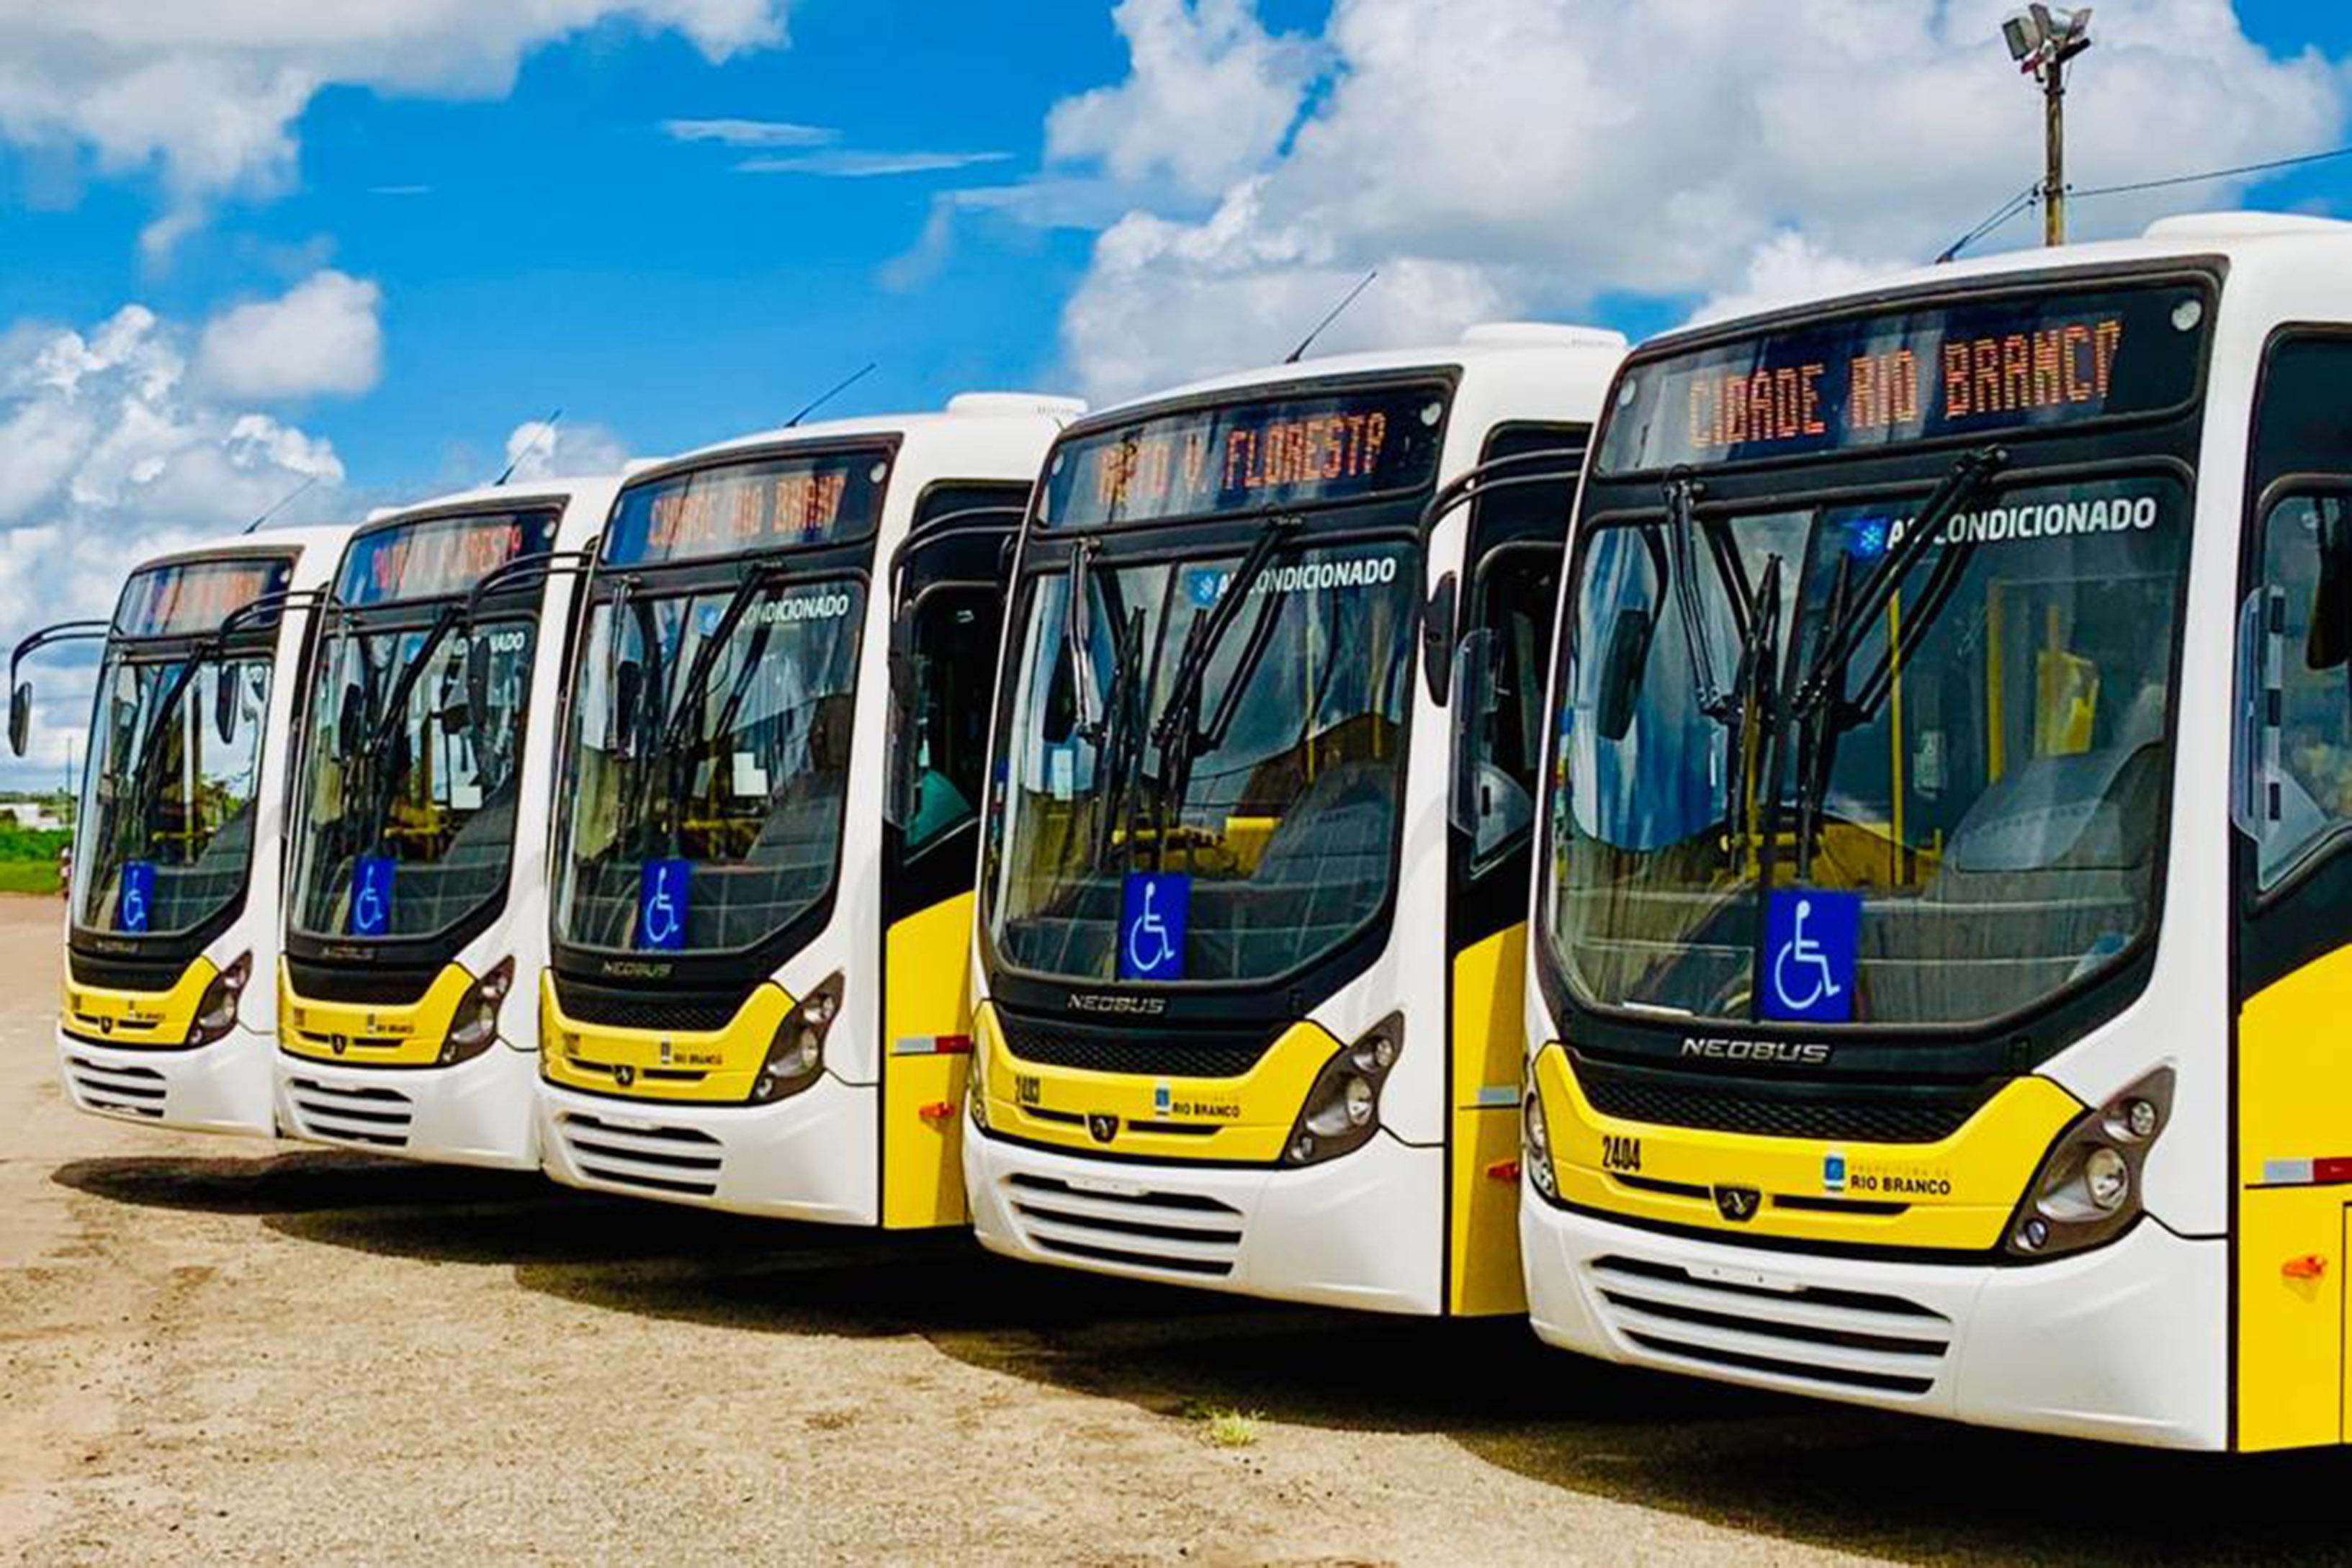 Neobus Auto Viação Floresta_1